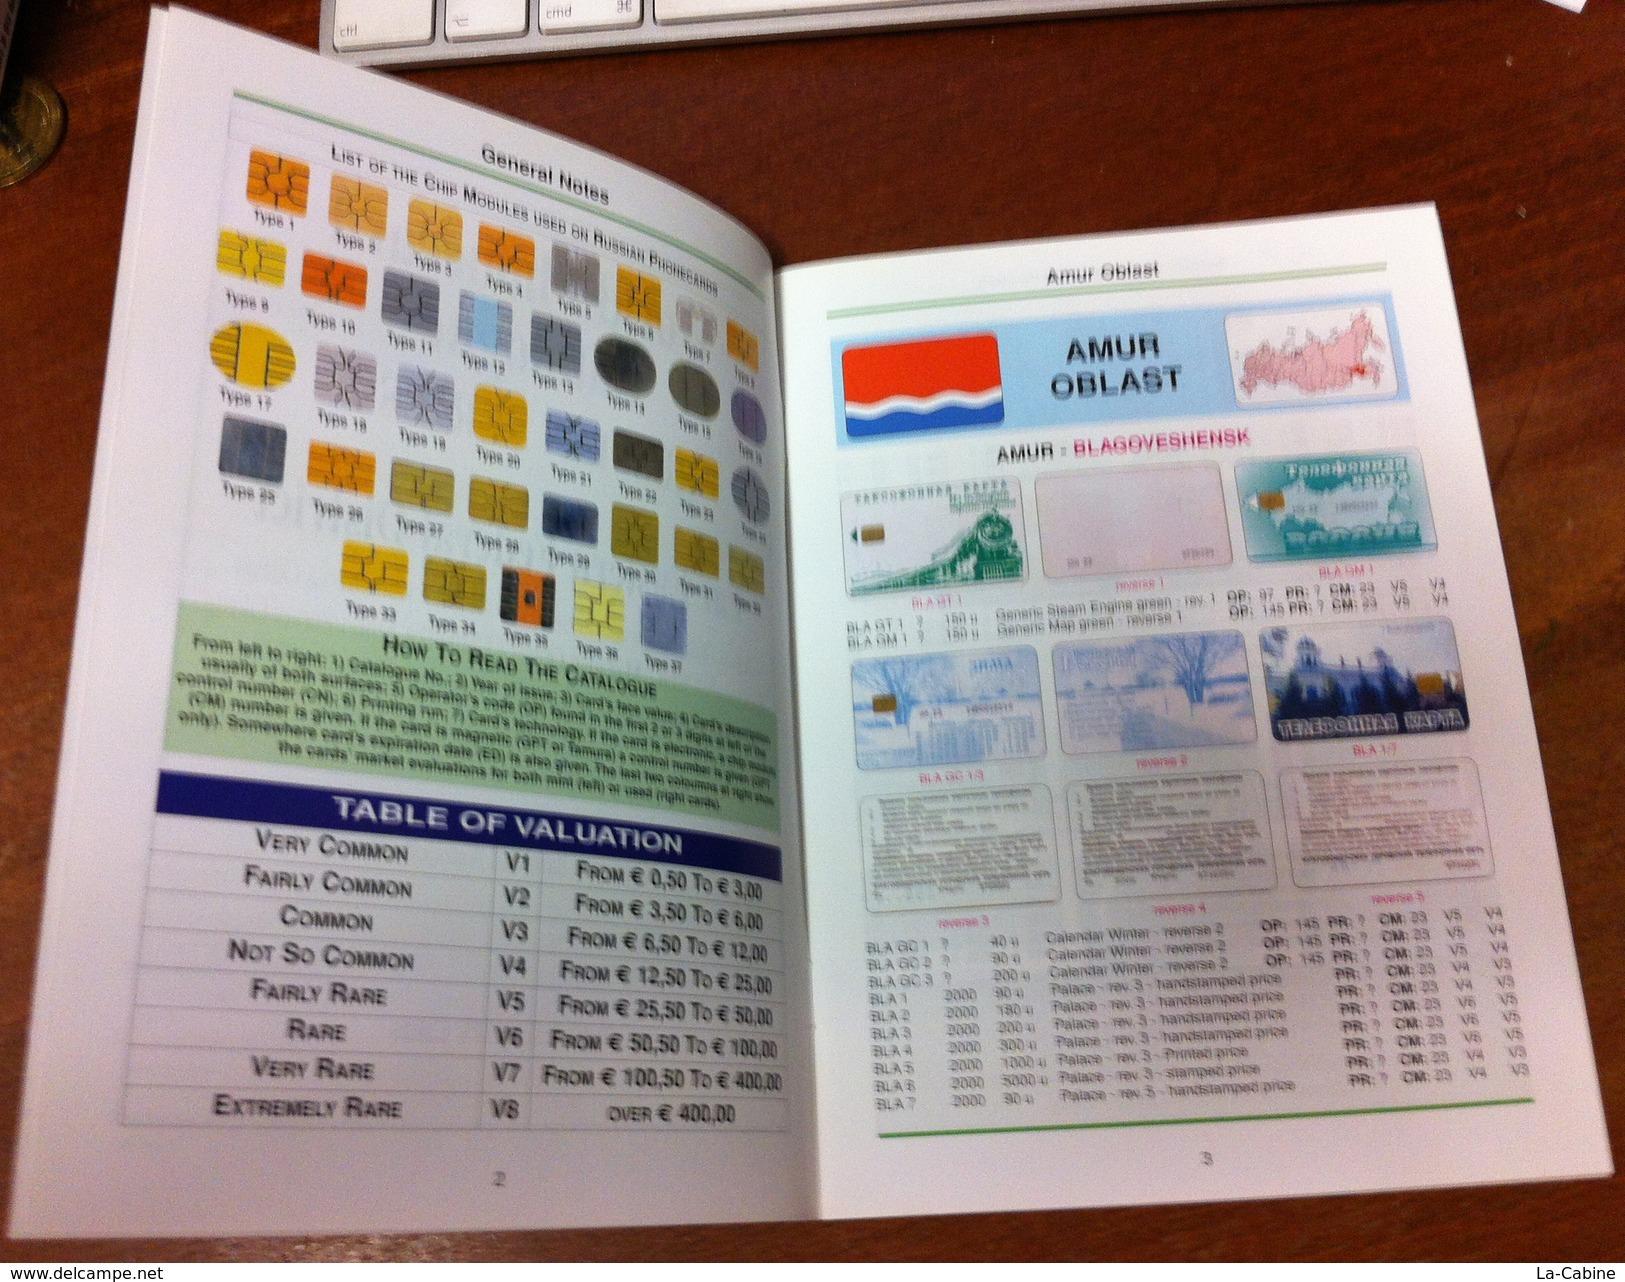 TELECARTE PHONECARD CATALOGUE RUSSIE RUSSIAN SERIES 1 AMUR OBLAST JEWISH AUTONOMOUS OBLAST. DE 2005 EN BON ÉTAT 48 PAGES - Livres & CDs